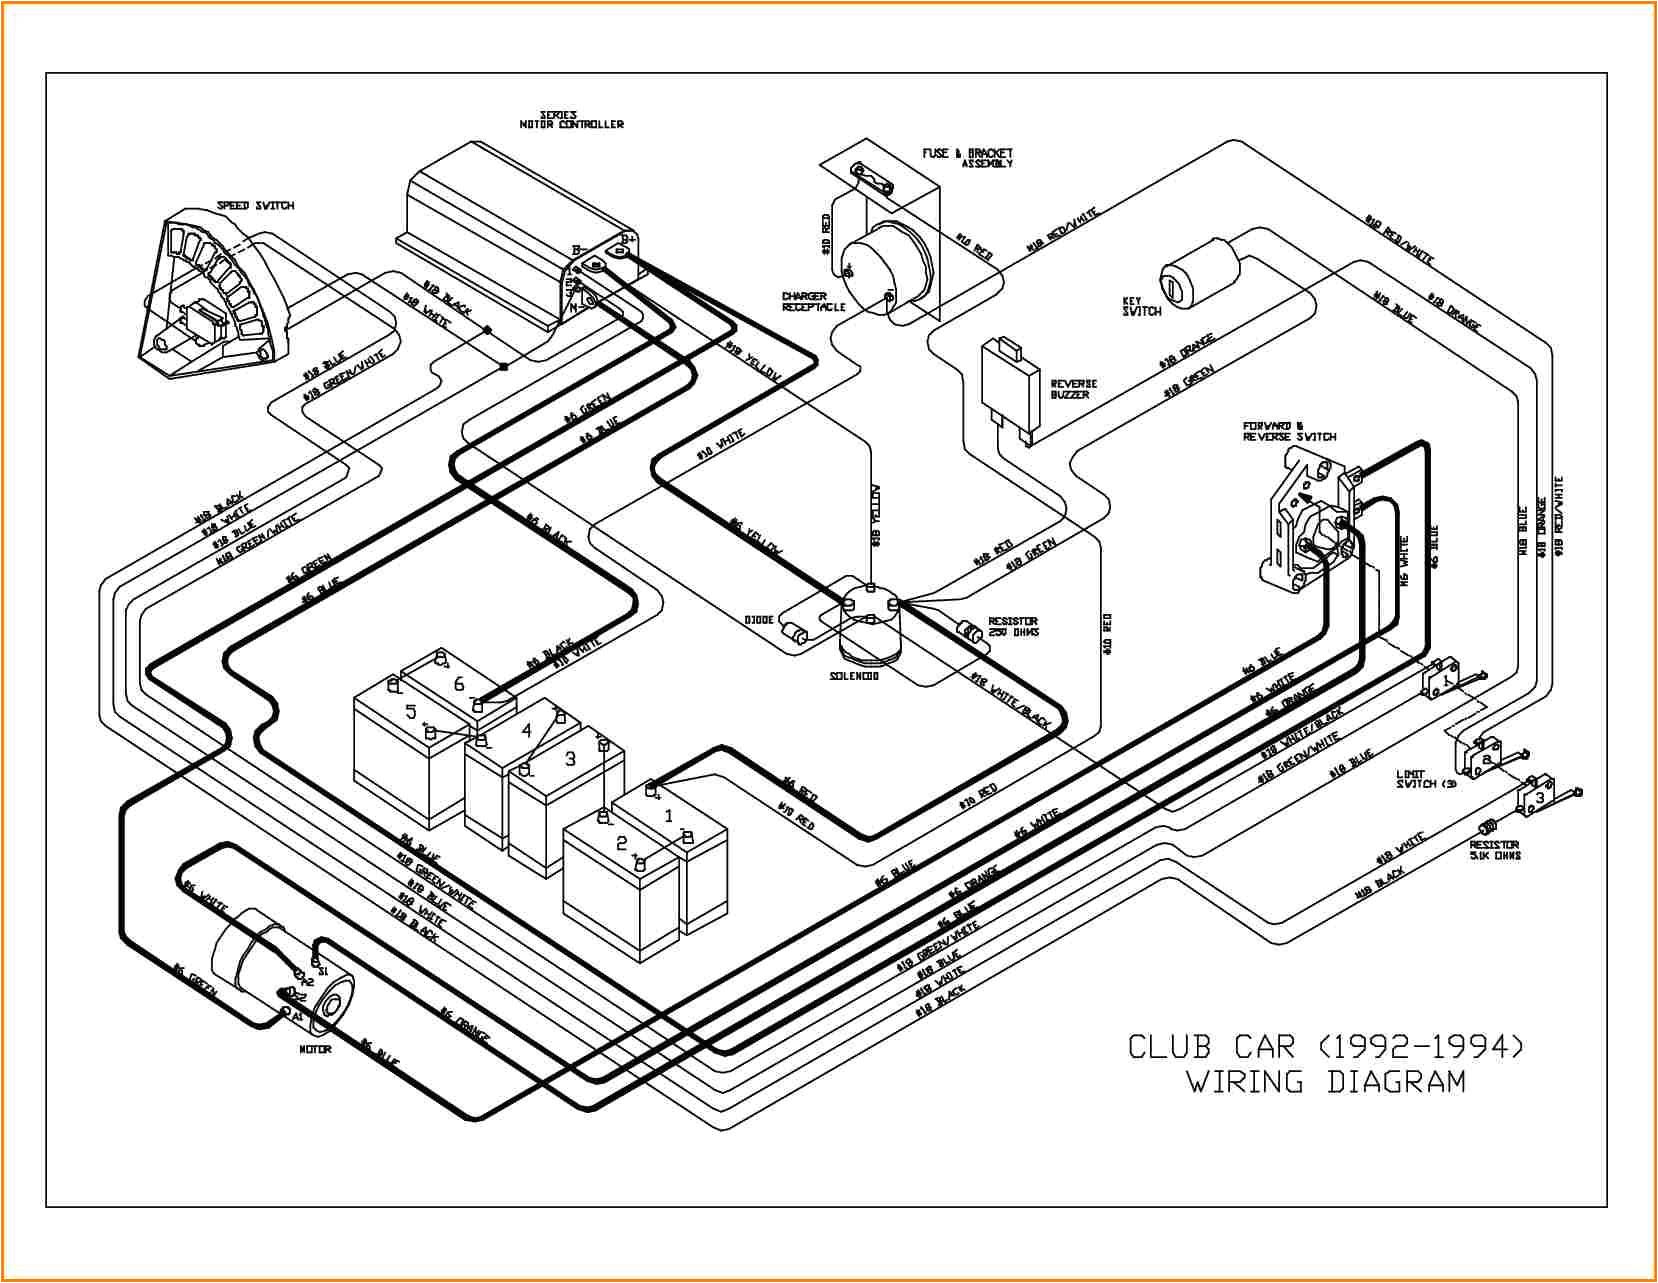 36 volt wiring diagram wiring diagram database 36v golf cart wiring diagram 36 volt golf wiring